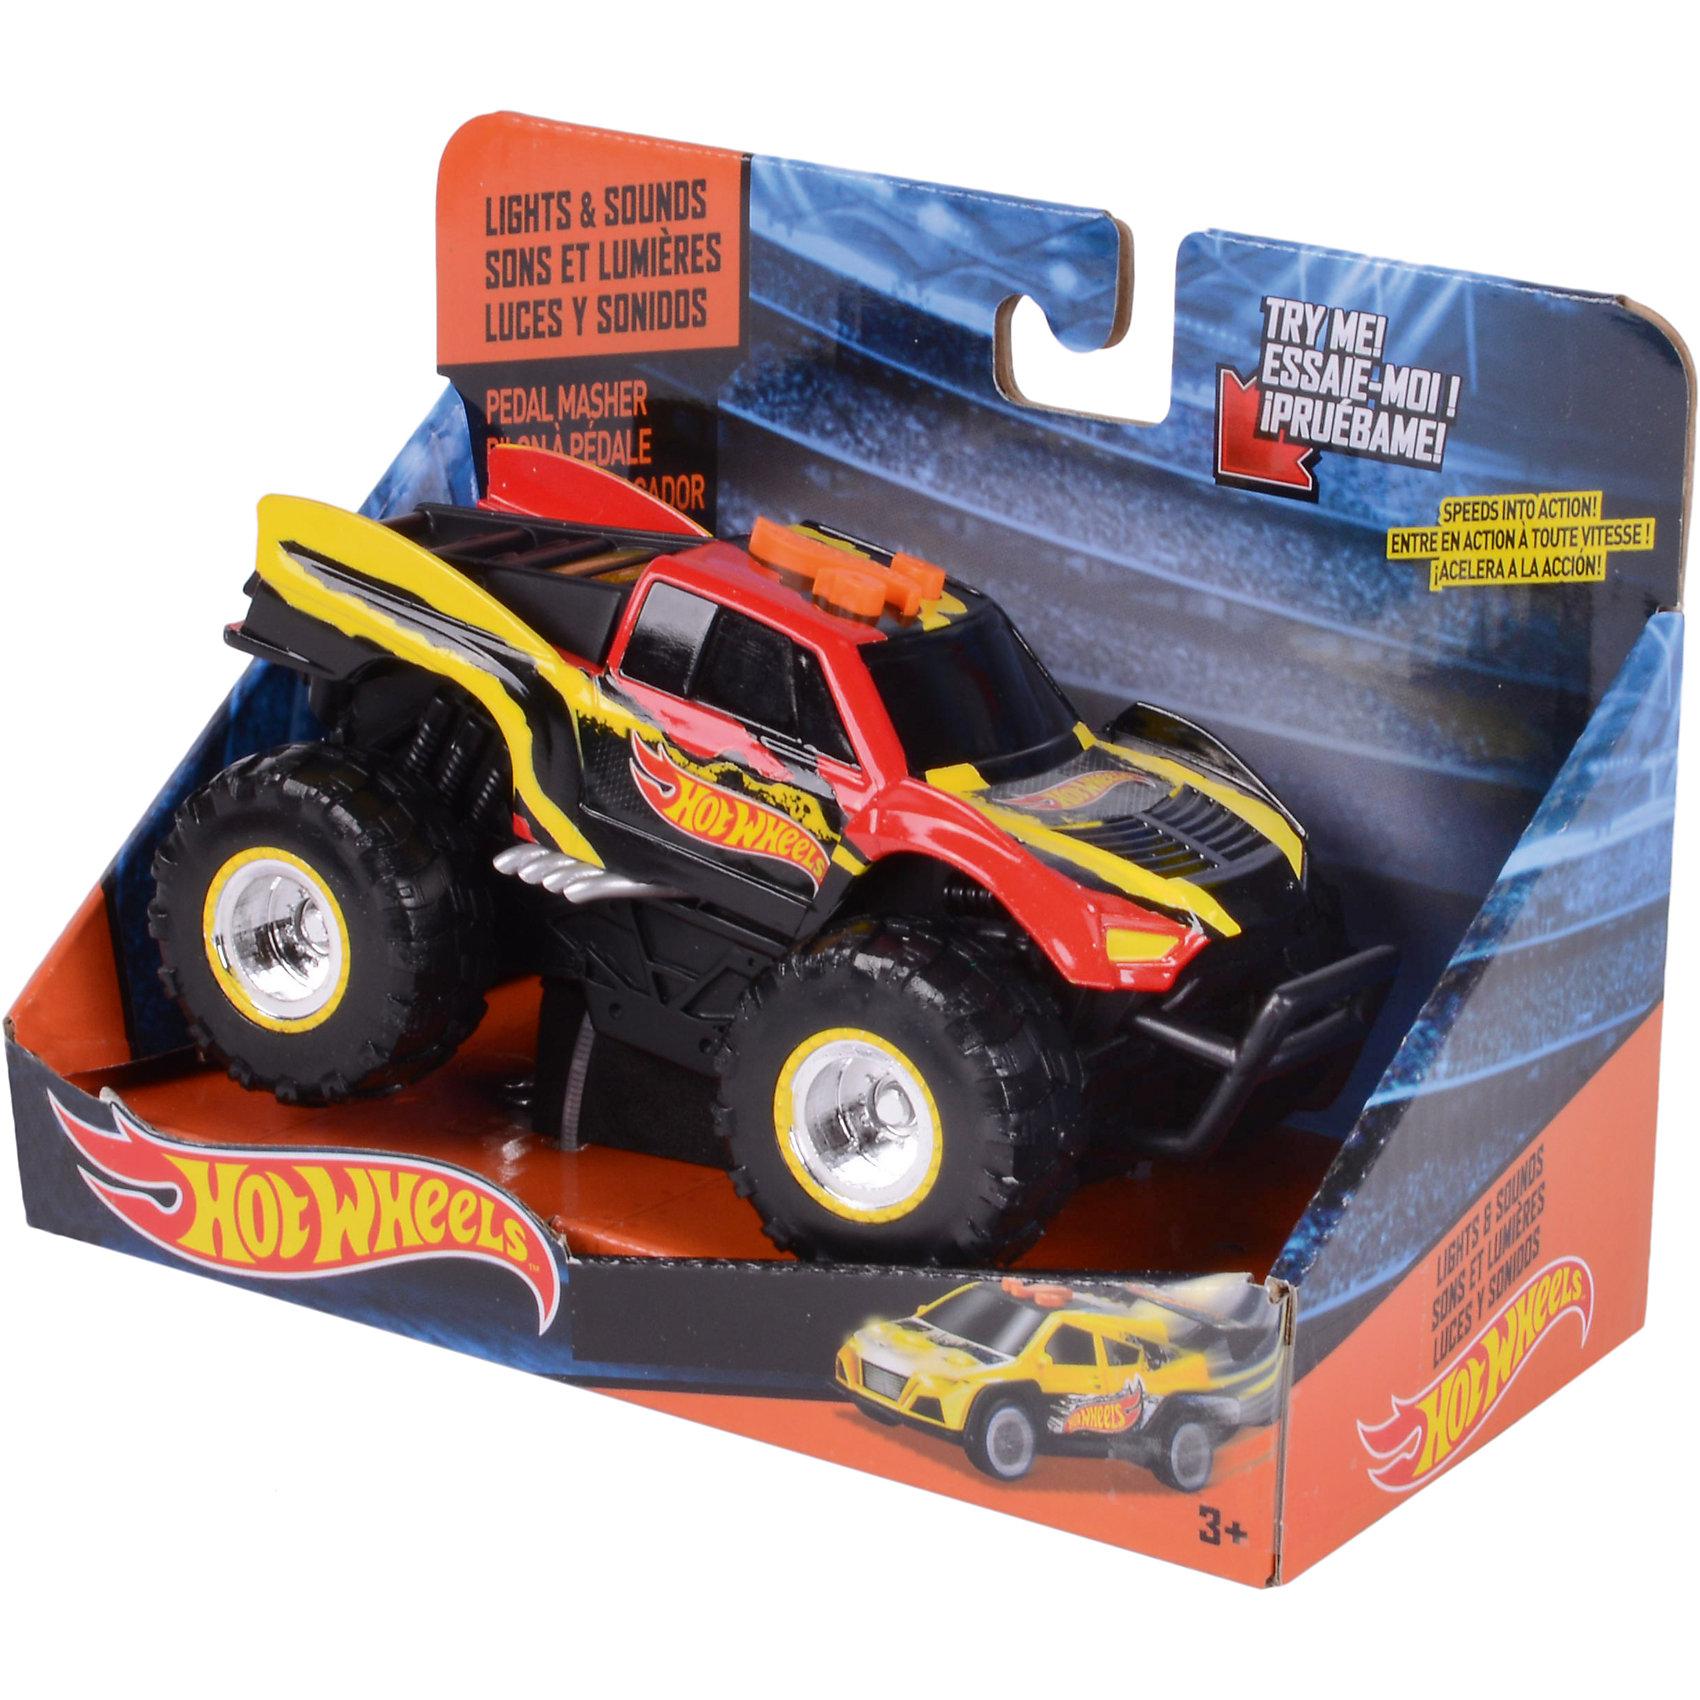 - Электромеханическая машинка, красно-жёлтая, 14 см, Hot Wheels электромеханическая машинка синяя 33 см hot wheels